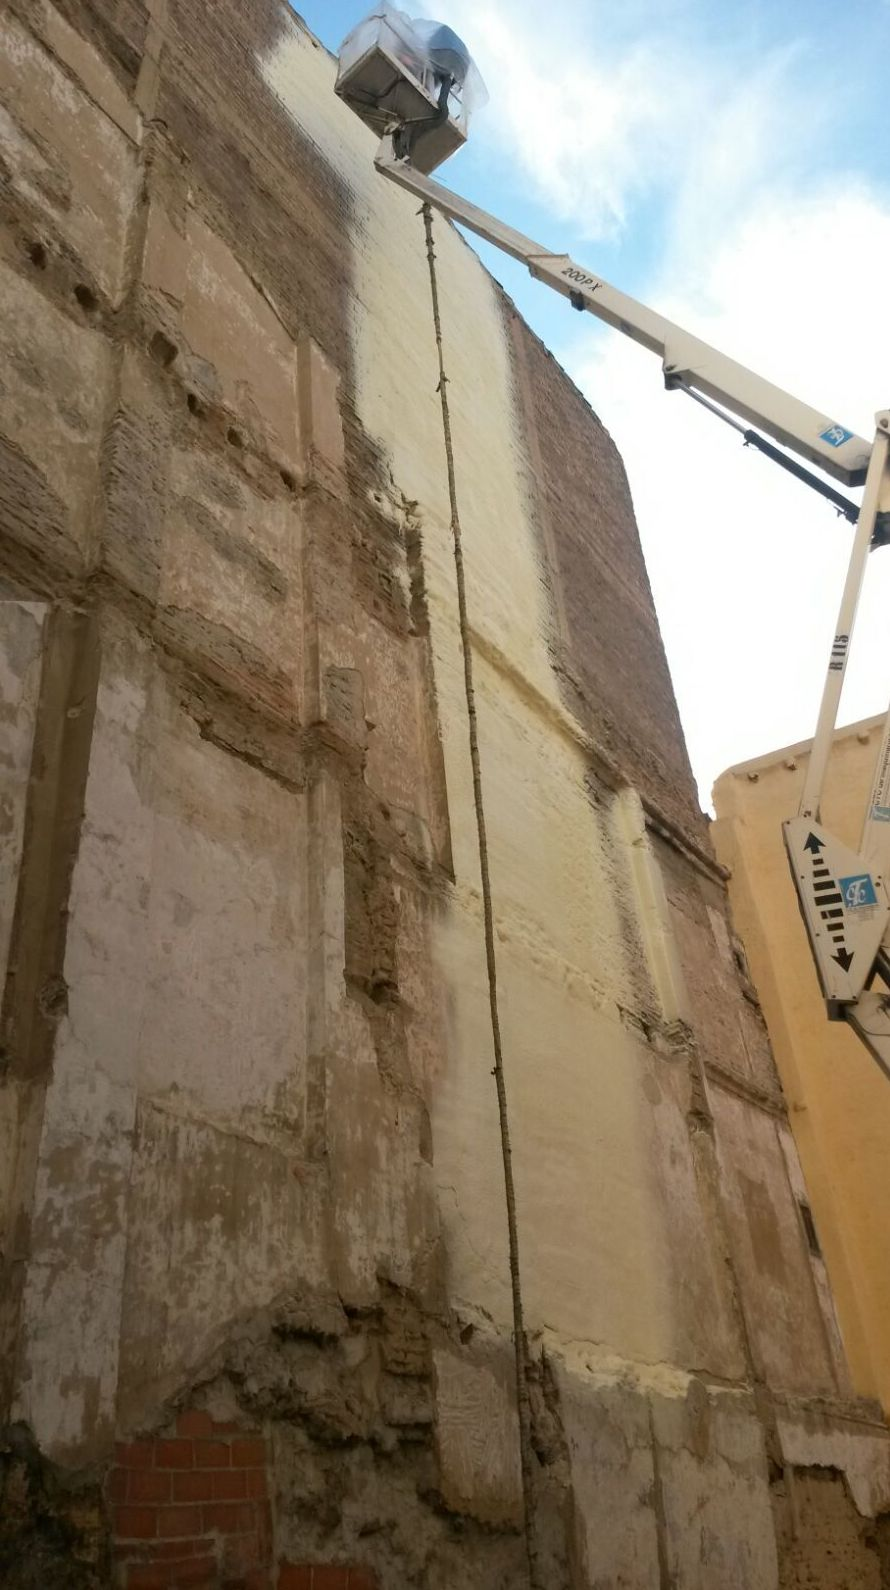 Aplicación de revestimiento impermeabilizante en fachada